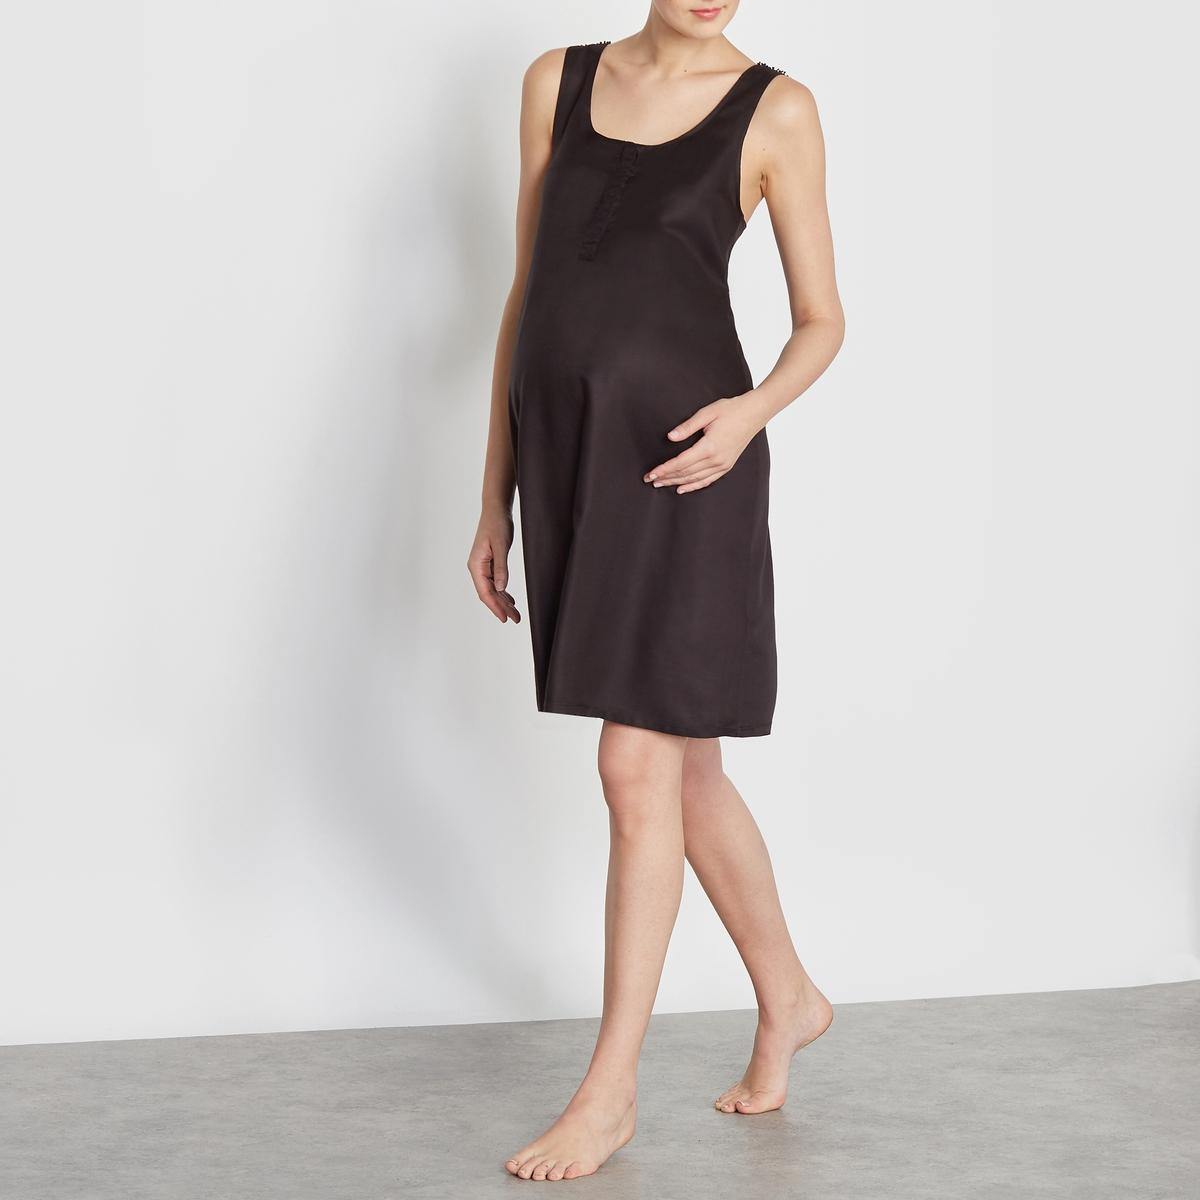 Сорочка ночная для беременных, 100% вискозы